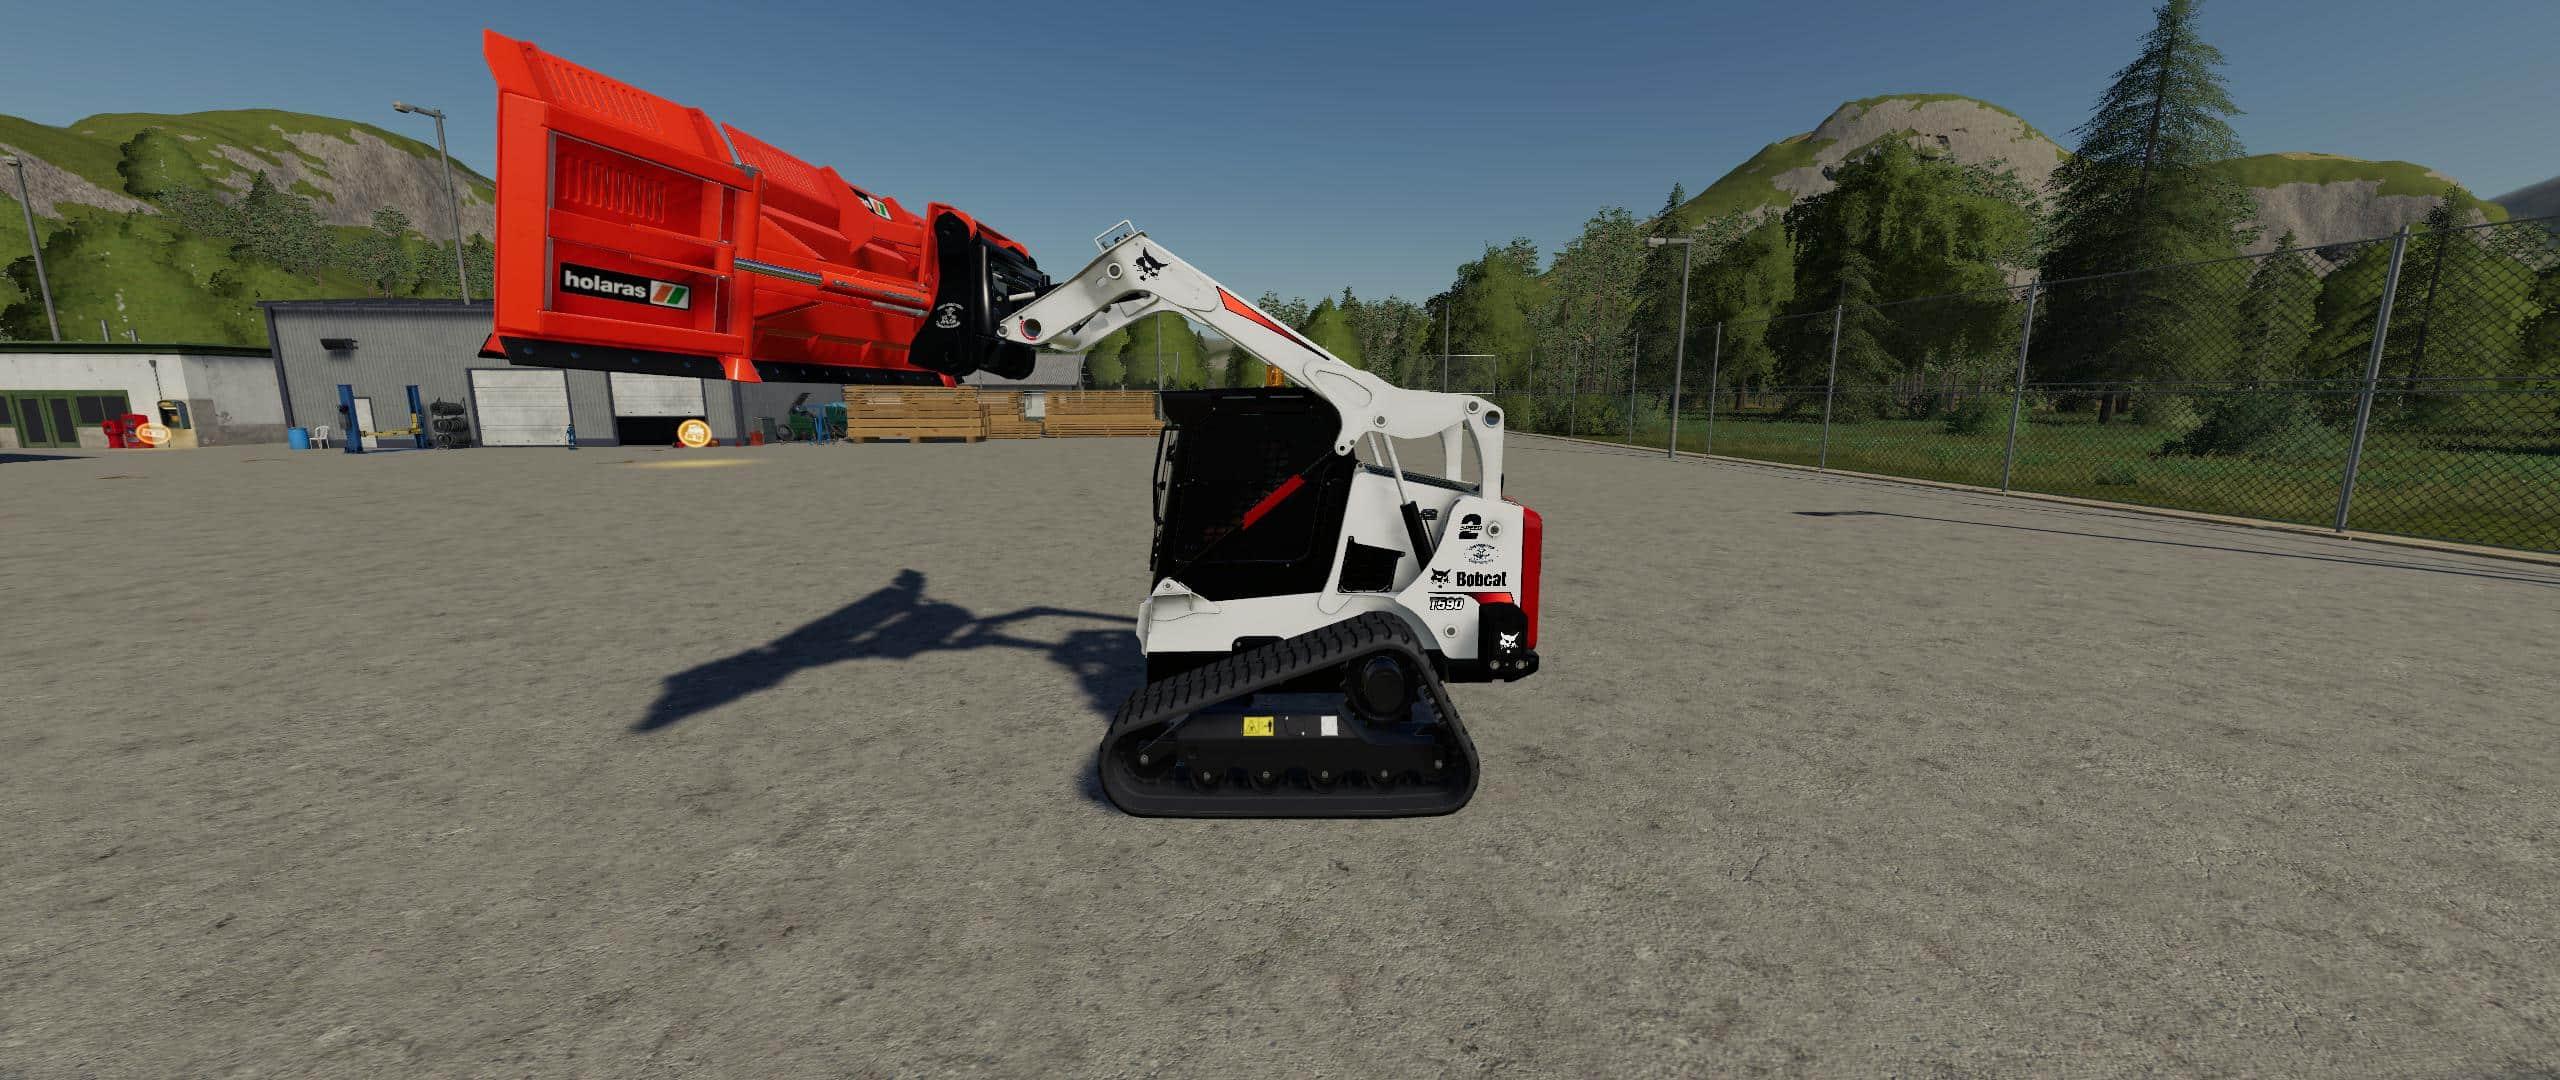 CSM Bobcat 590 Series Skid Steer Pack v1 1 0 FS 19 - Farming